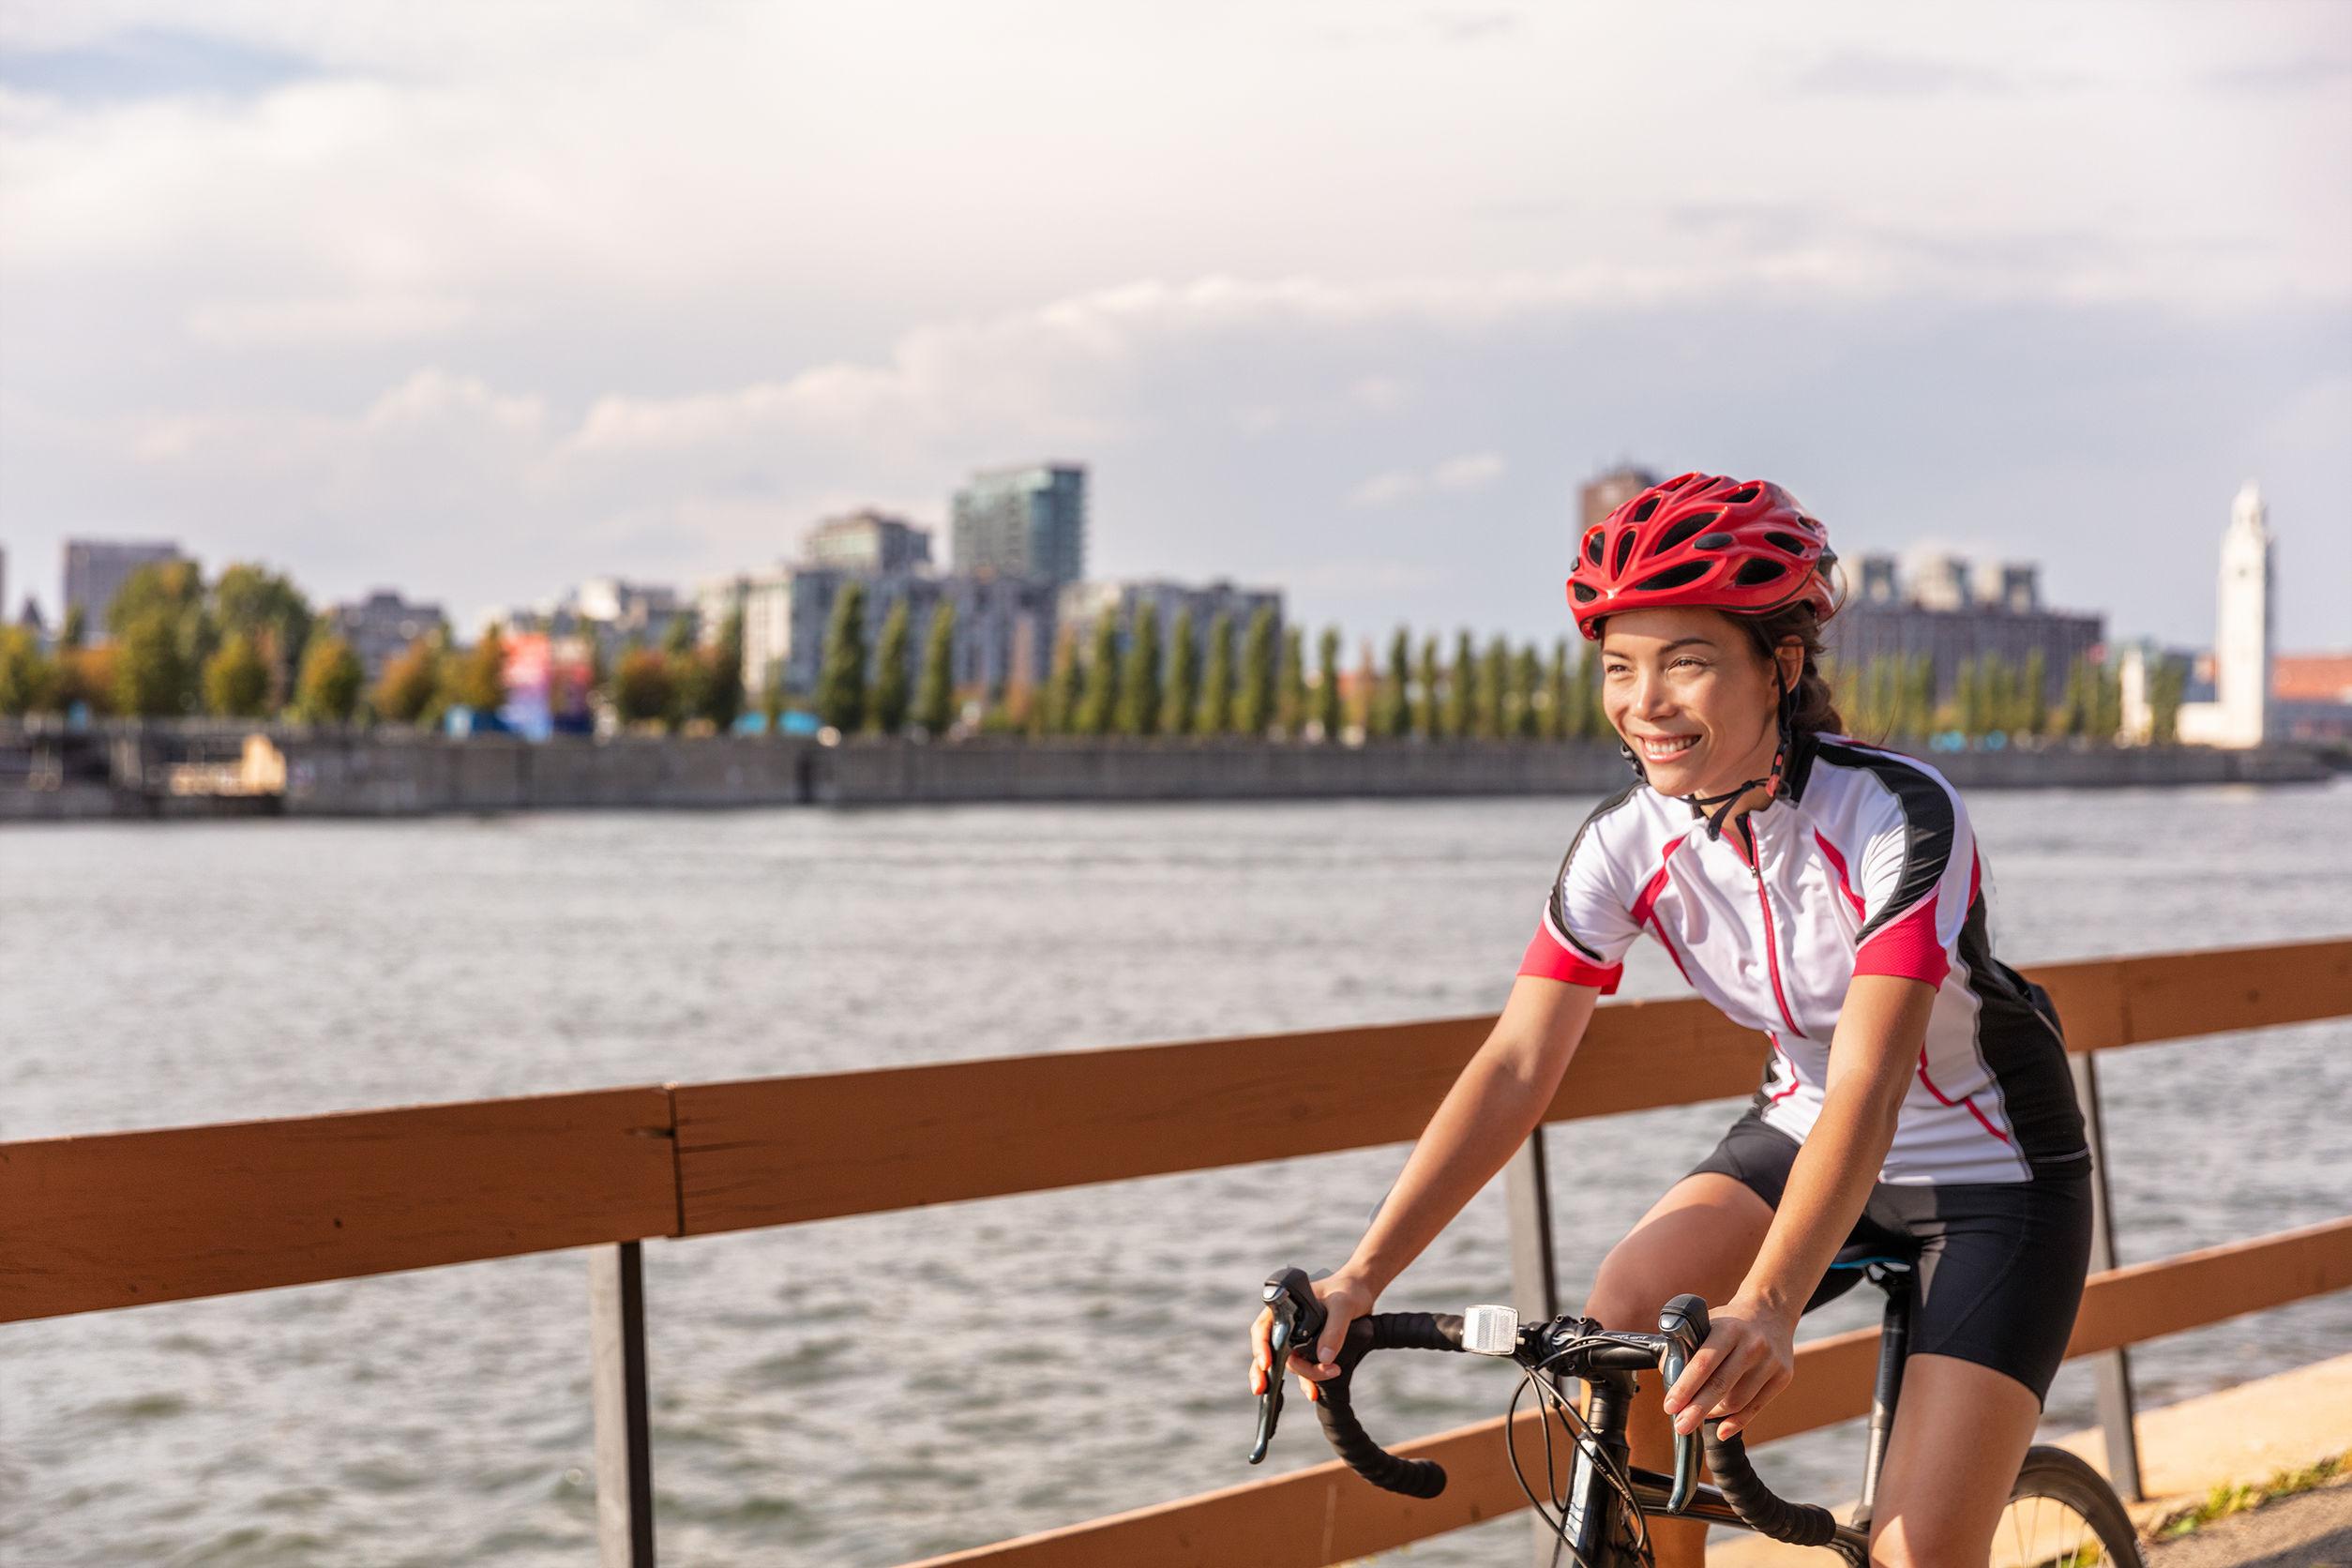 Fahrradbekleidung: Test & Empfehlungen (08/20)